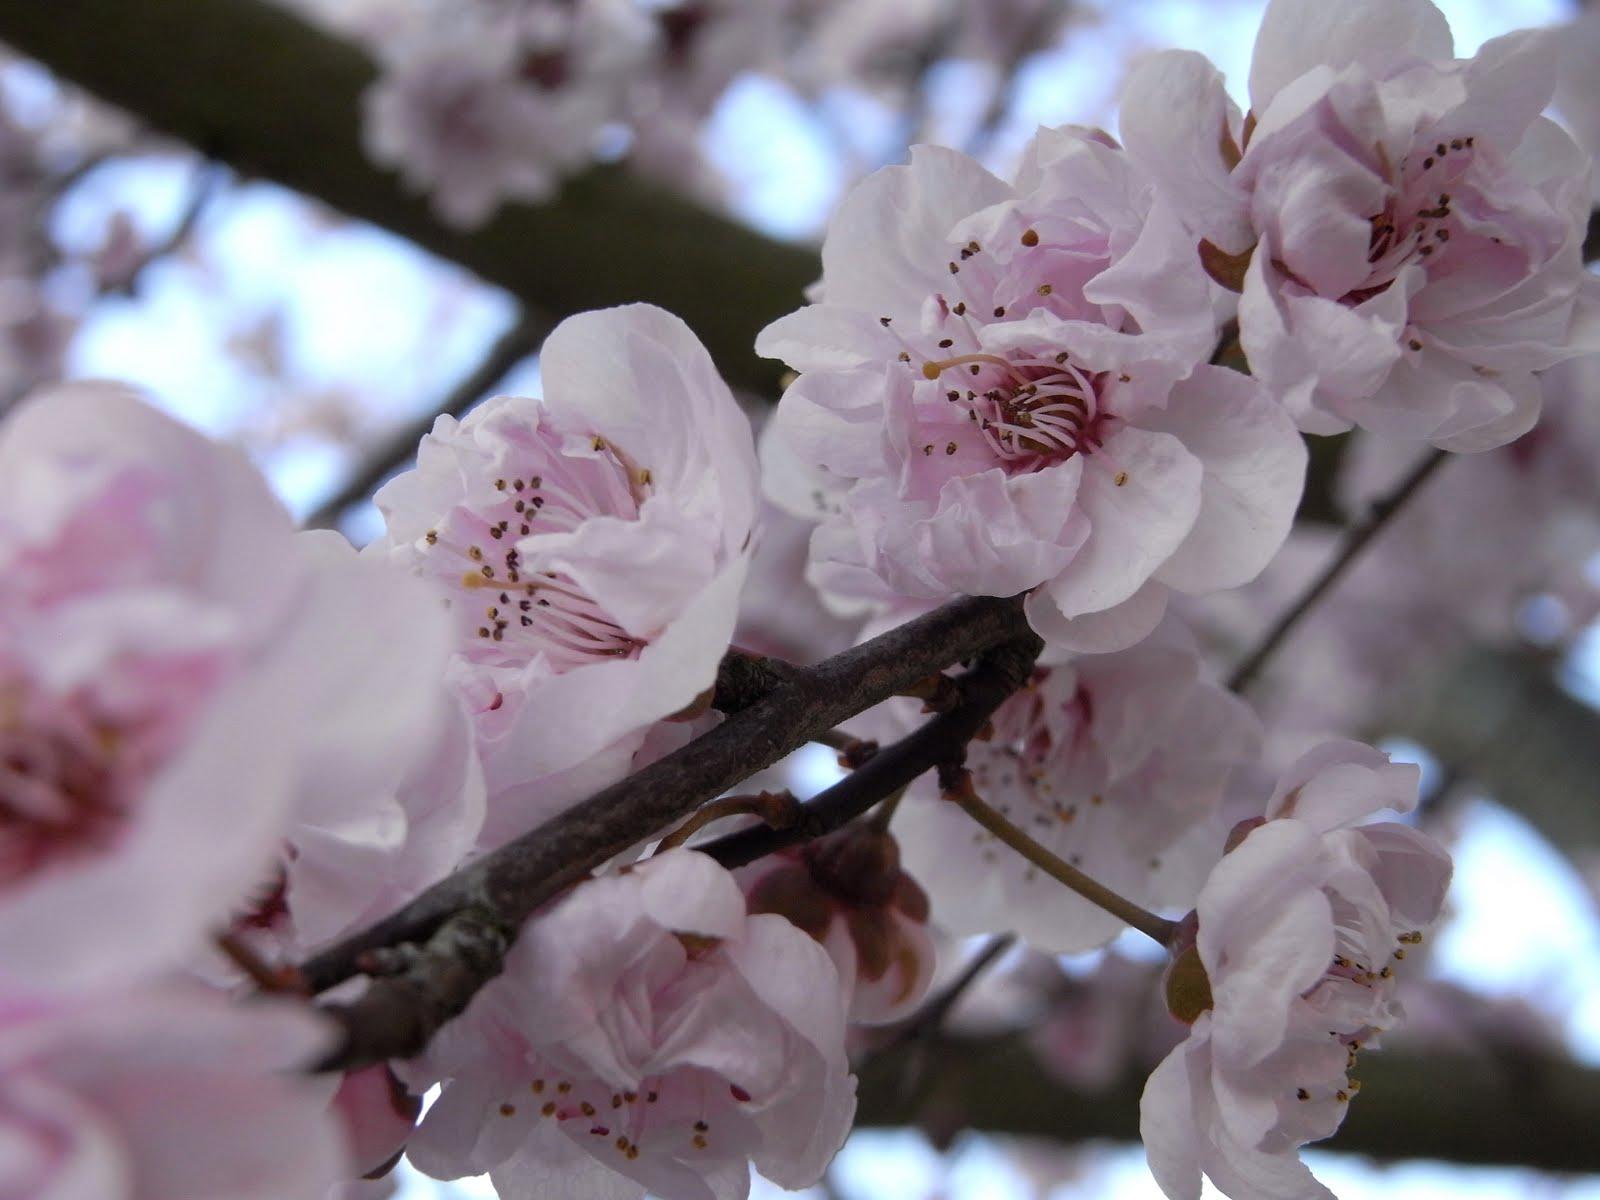 graines de toussus fleurs de cerisier le renouveau. Black Bedroom Furniture Sets. Home Design Ideas